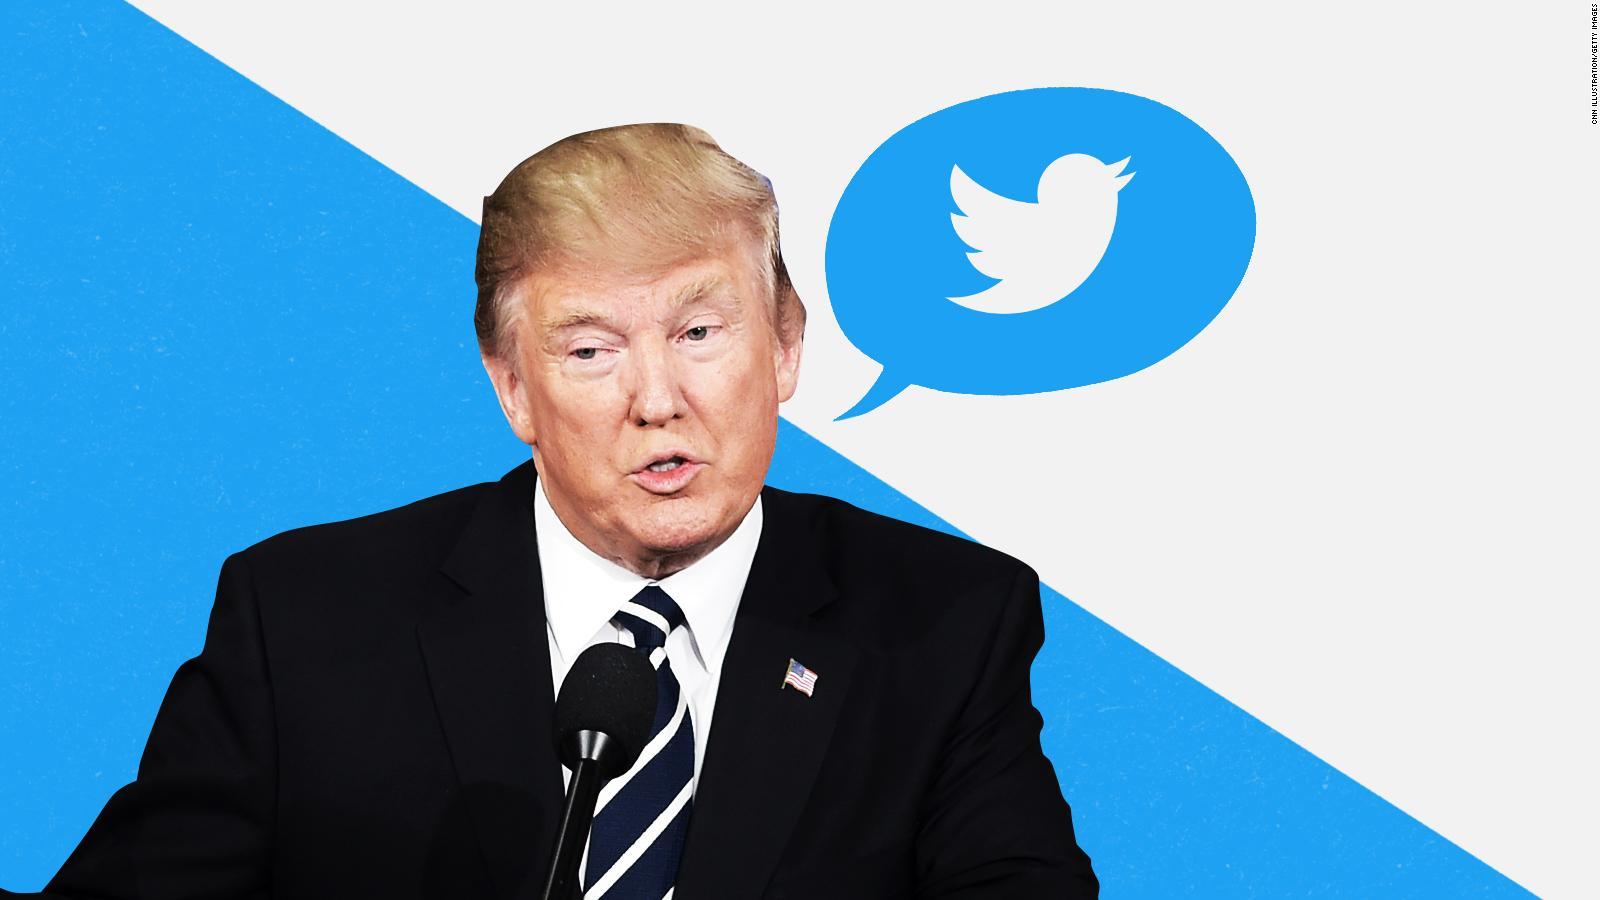 Le président Trump ne soutient pas la quarantaine pour New York, New Jersey et Connecticut